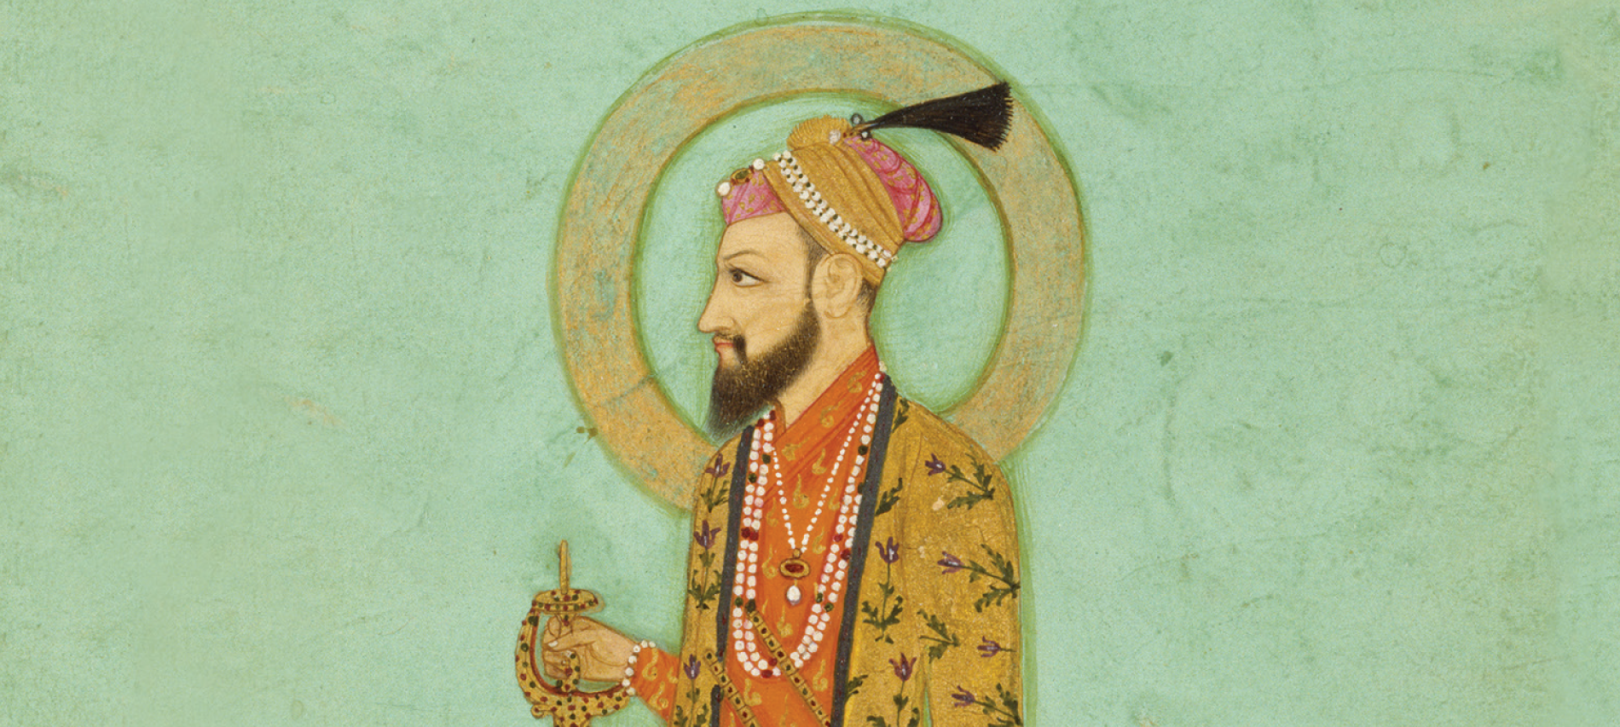 Mughal Empire's Emperor: Aurangzeb